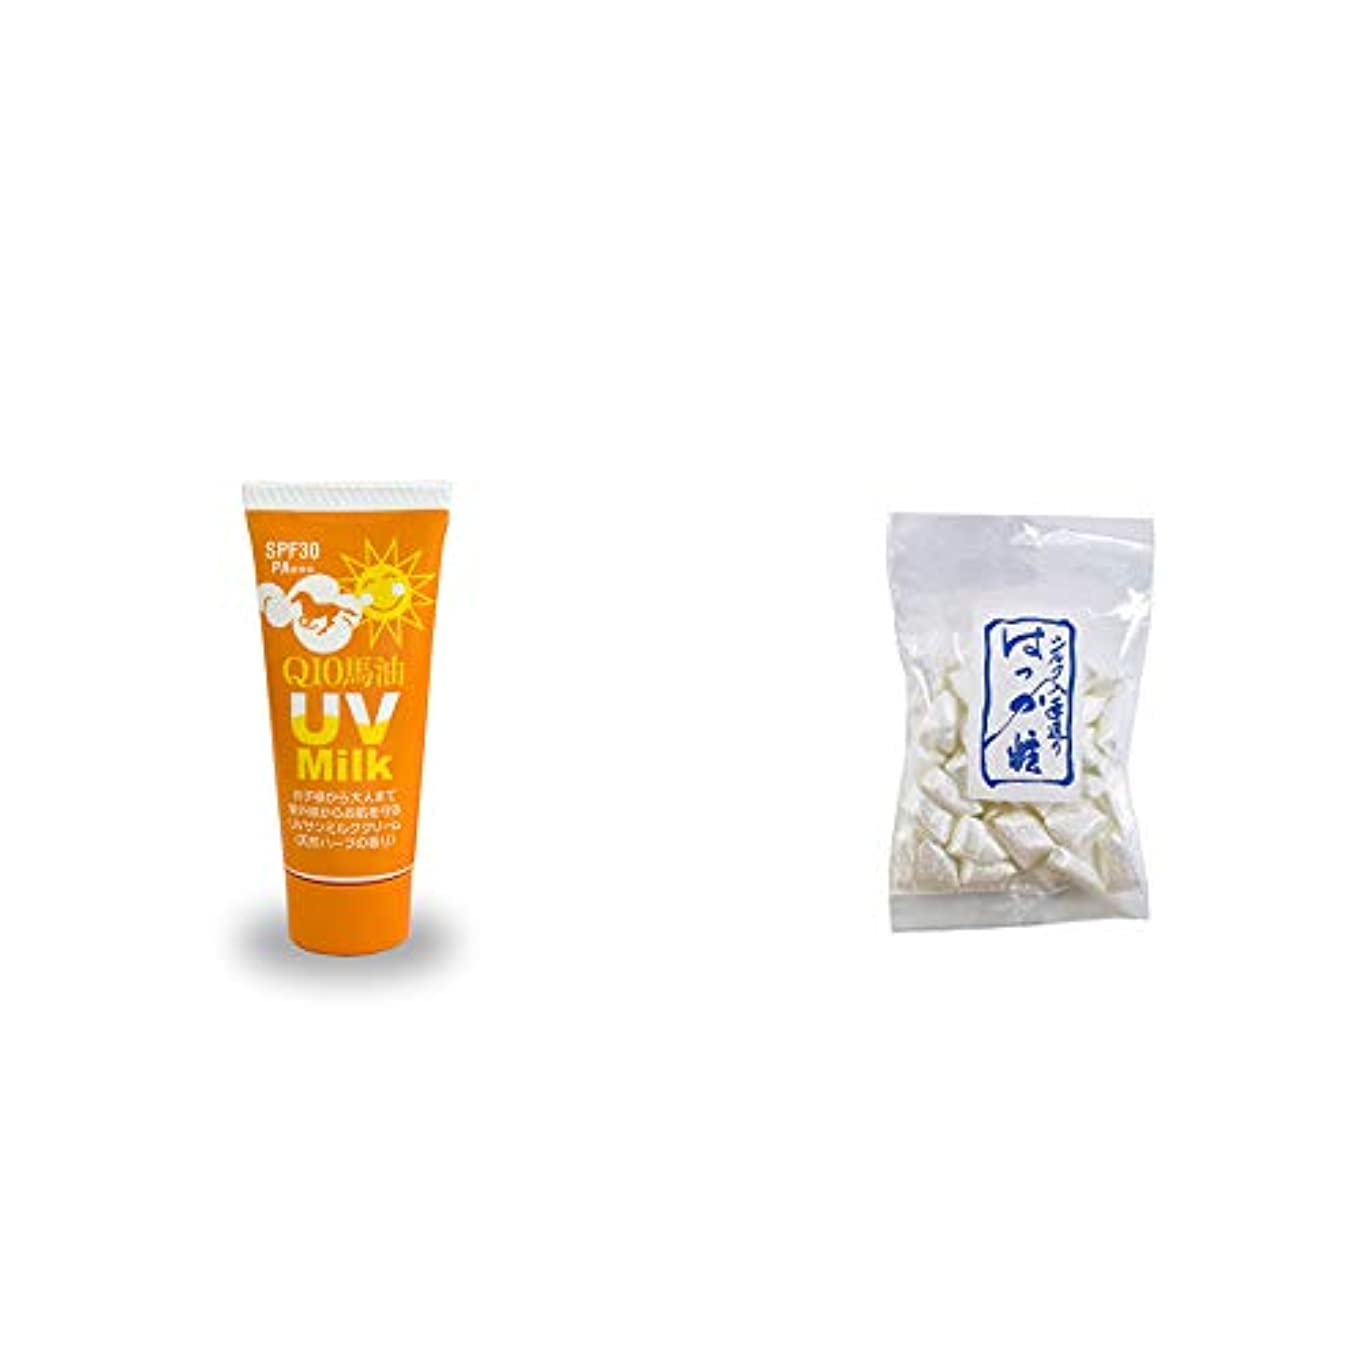 脚本町薄める[2点セット] 炭黒泉 Q10馬油 UVサンミルク[天然ハーブ](40g)?シルクはっか糖(150g)